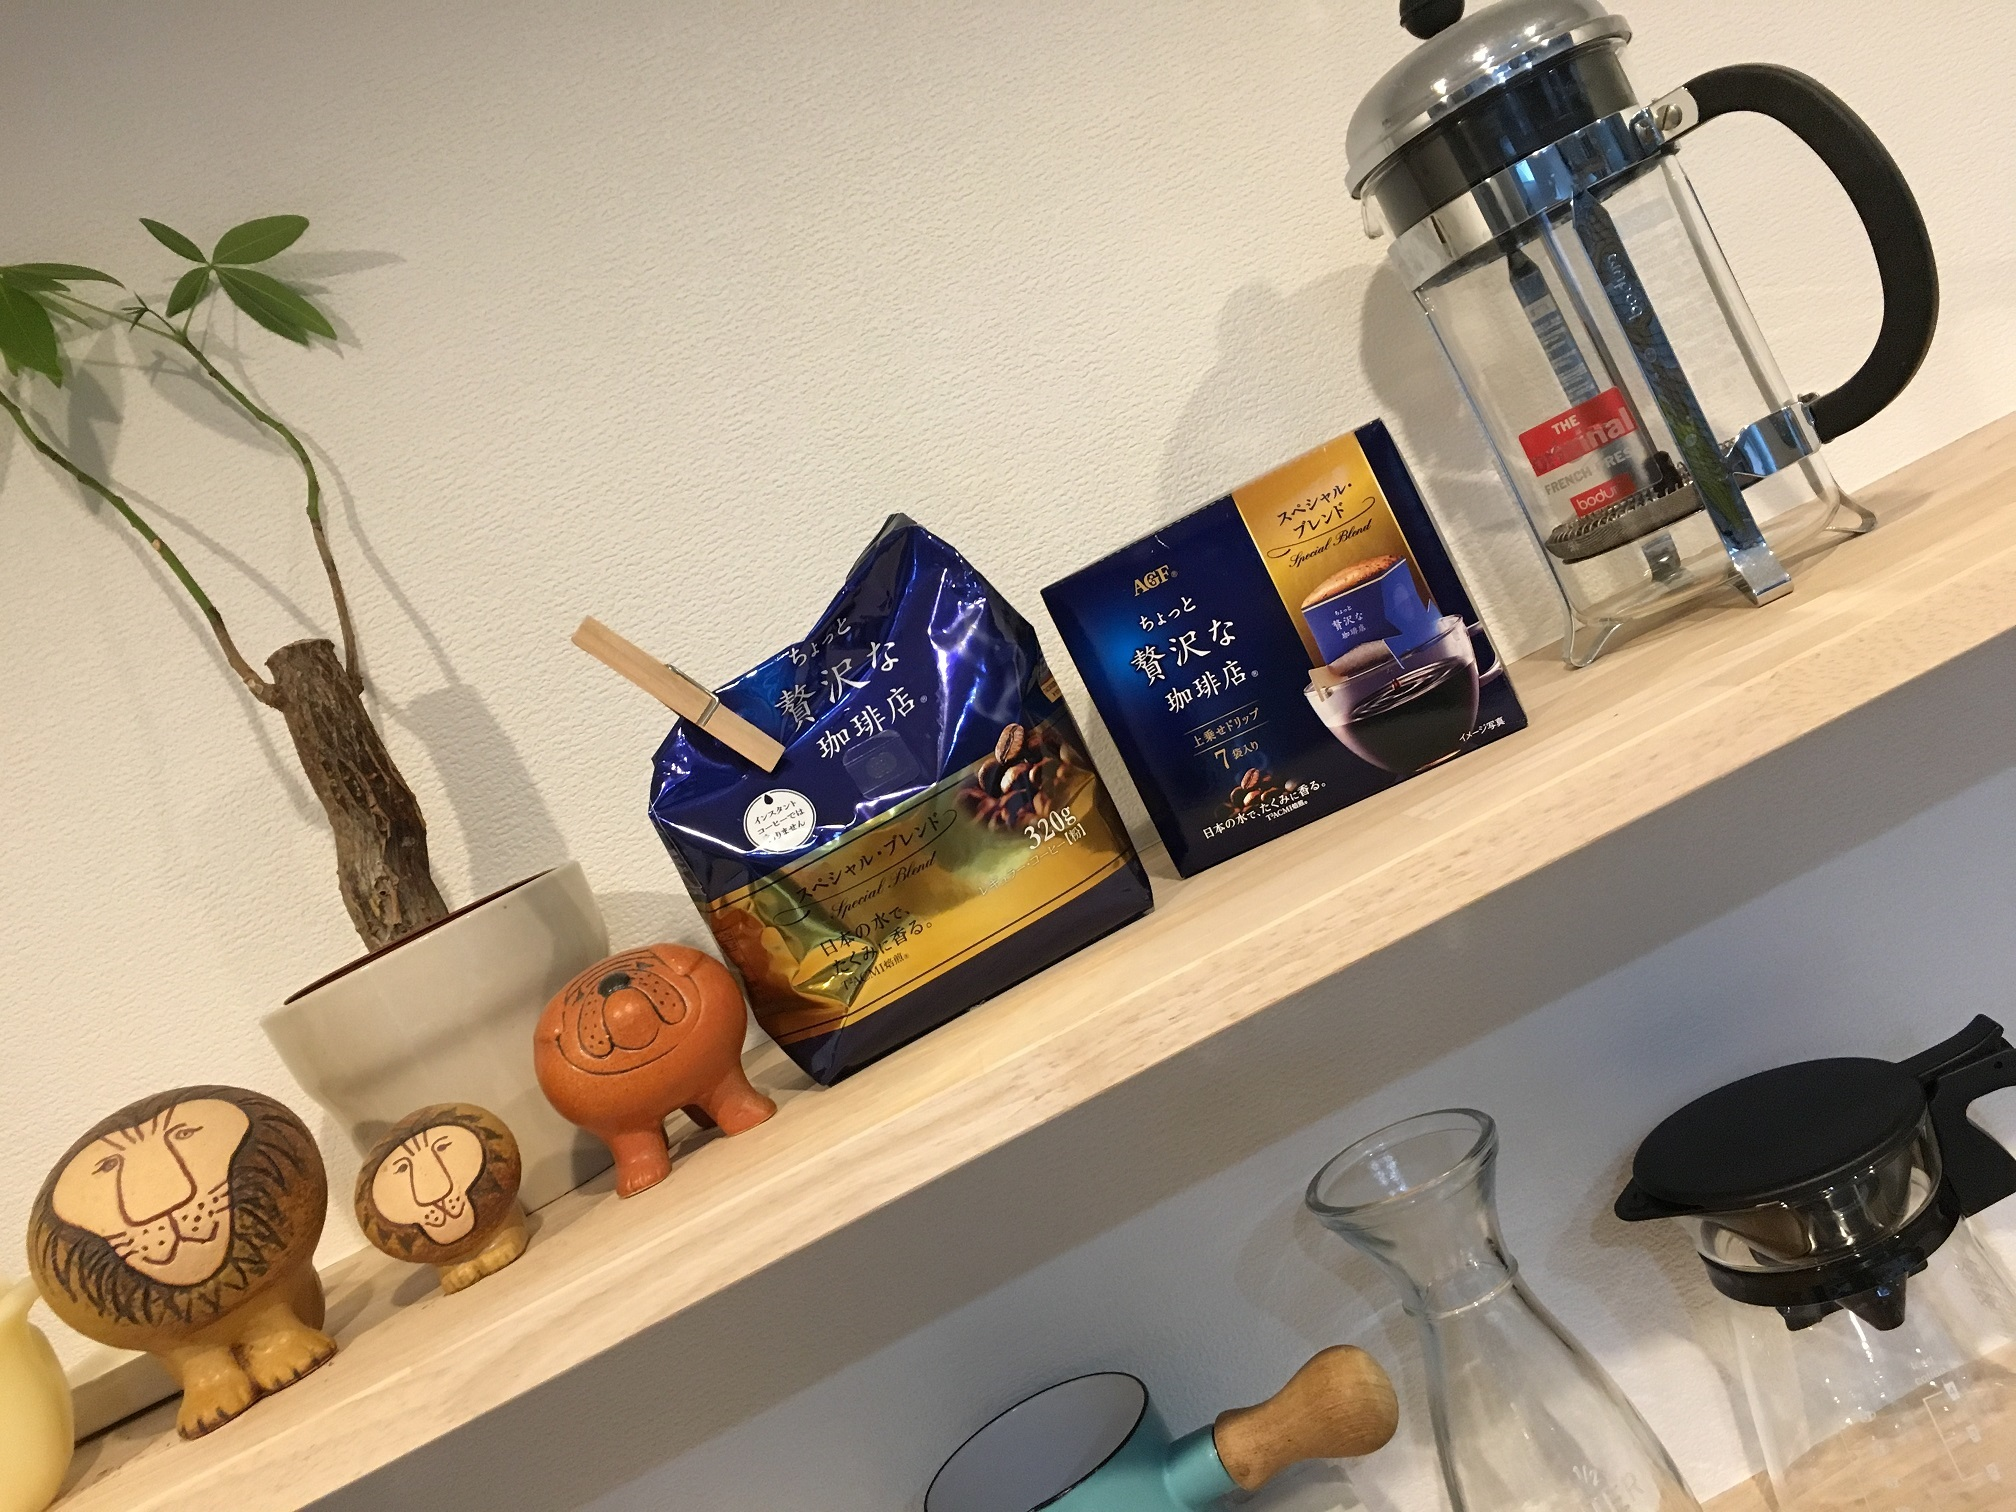 COFFEE&BLUEってご存じですか?おうちでちょっと贅沢な珈琲店楽しんでます♪_1_1-1